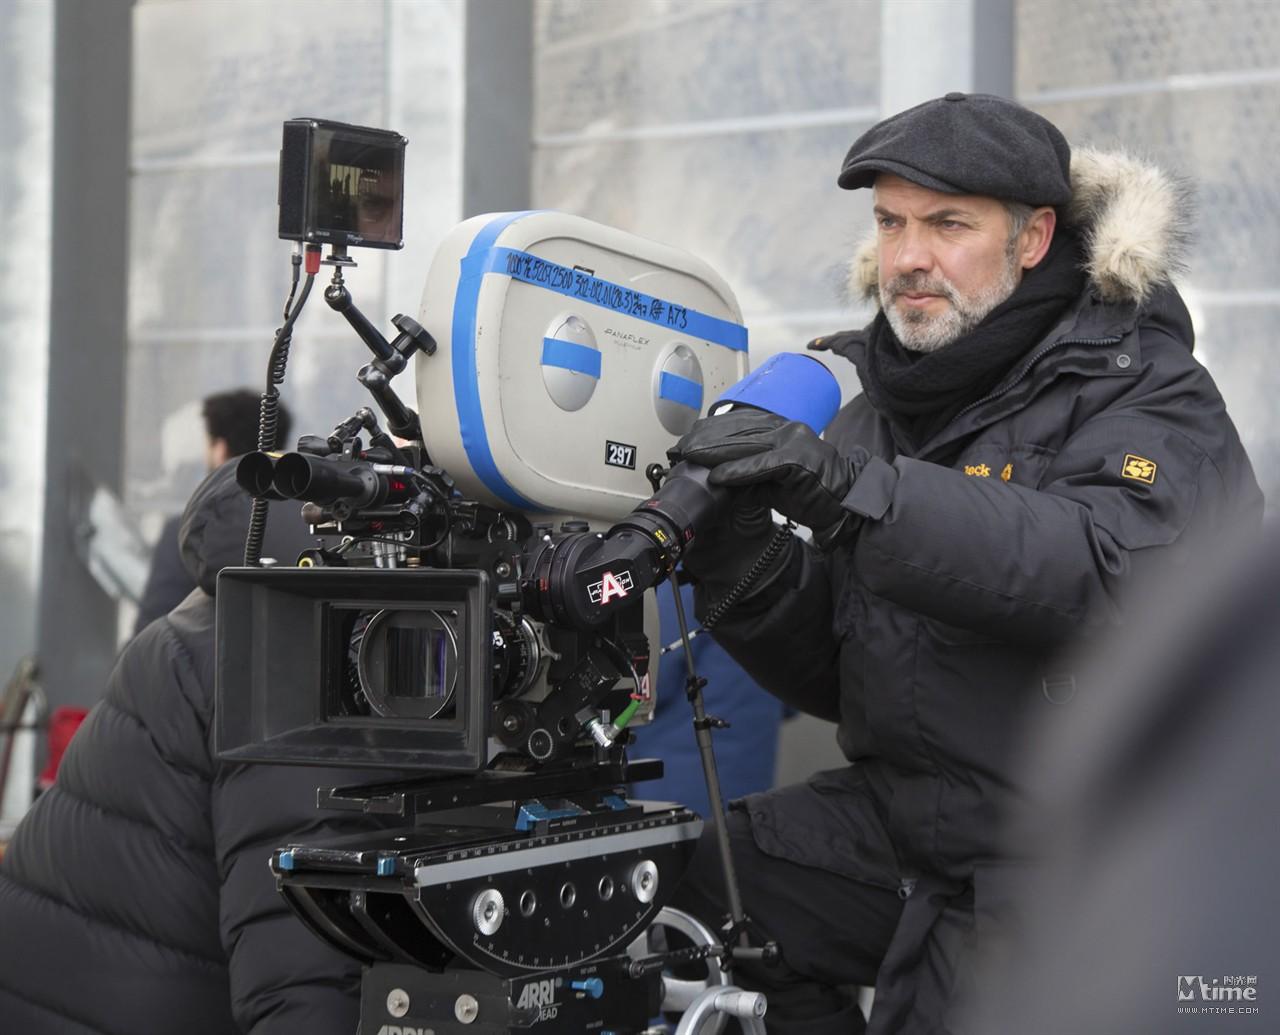 Đạo diễn 007 tiết lộ thân phận James Bond - 1